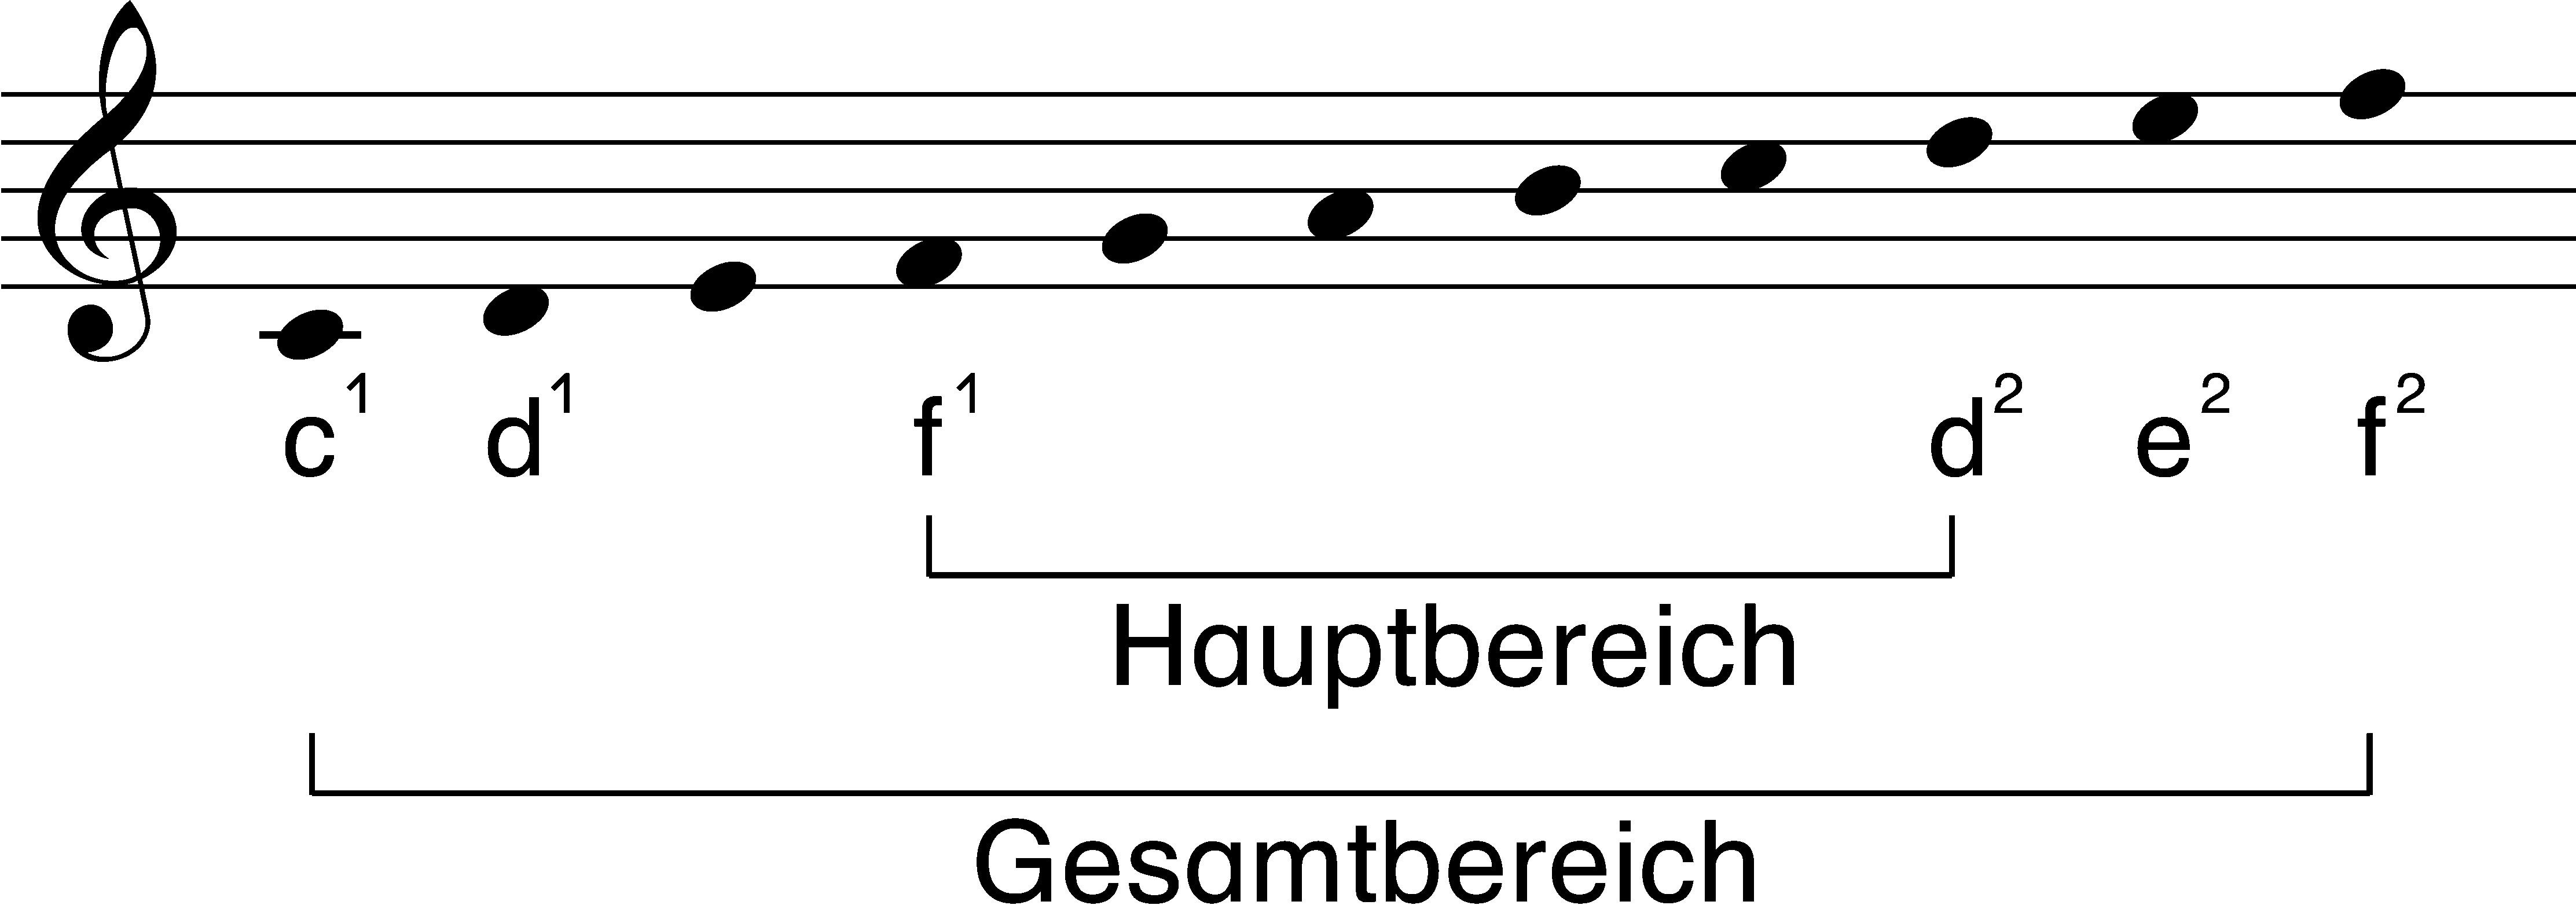 Mit Kindern singen. Anregungen zur Liederarbeitung und -gestaltung ...